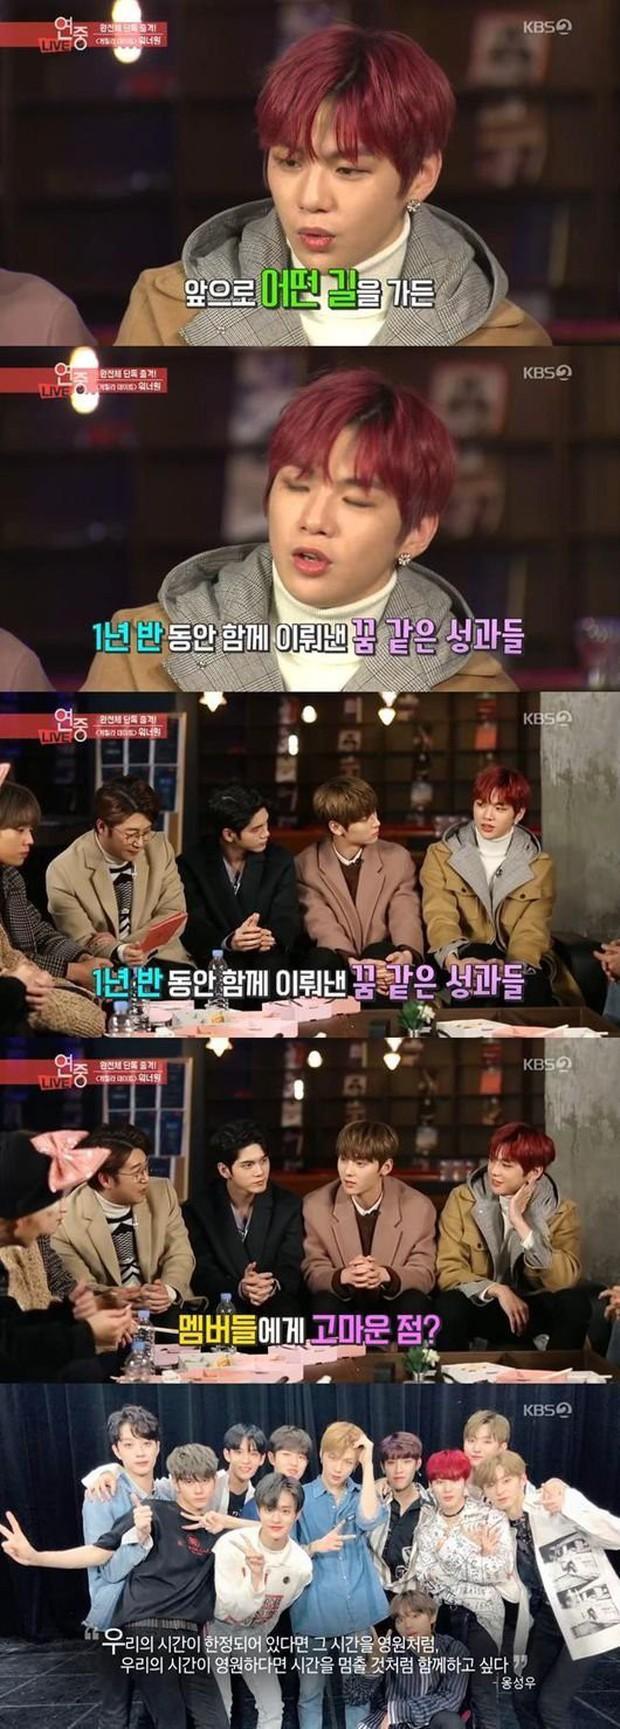 Wanna One đã sẵn sàng cho việc tan rã và đây là câu nói khiến fan nhói lòng của Kang Daniel! - Ảnh 1.